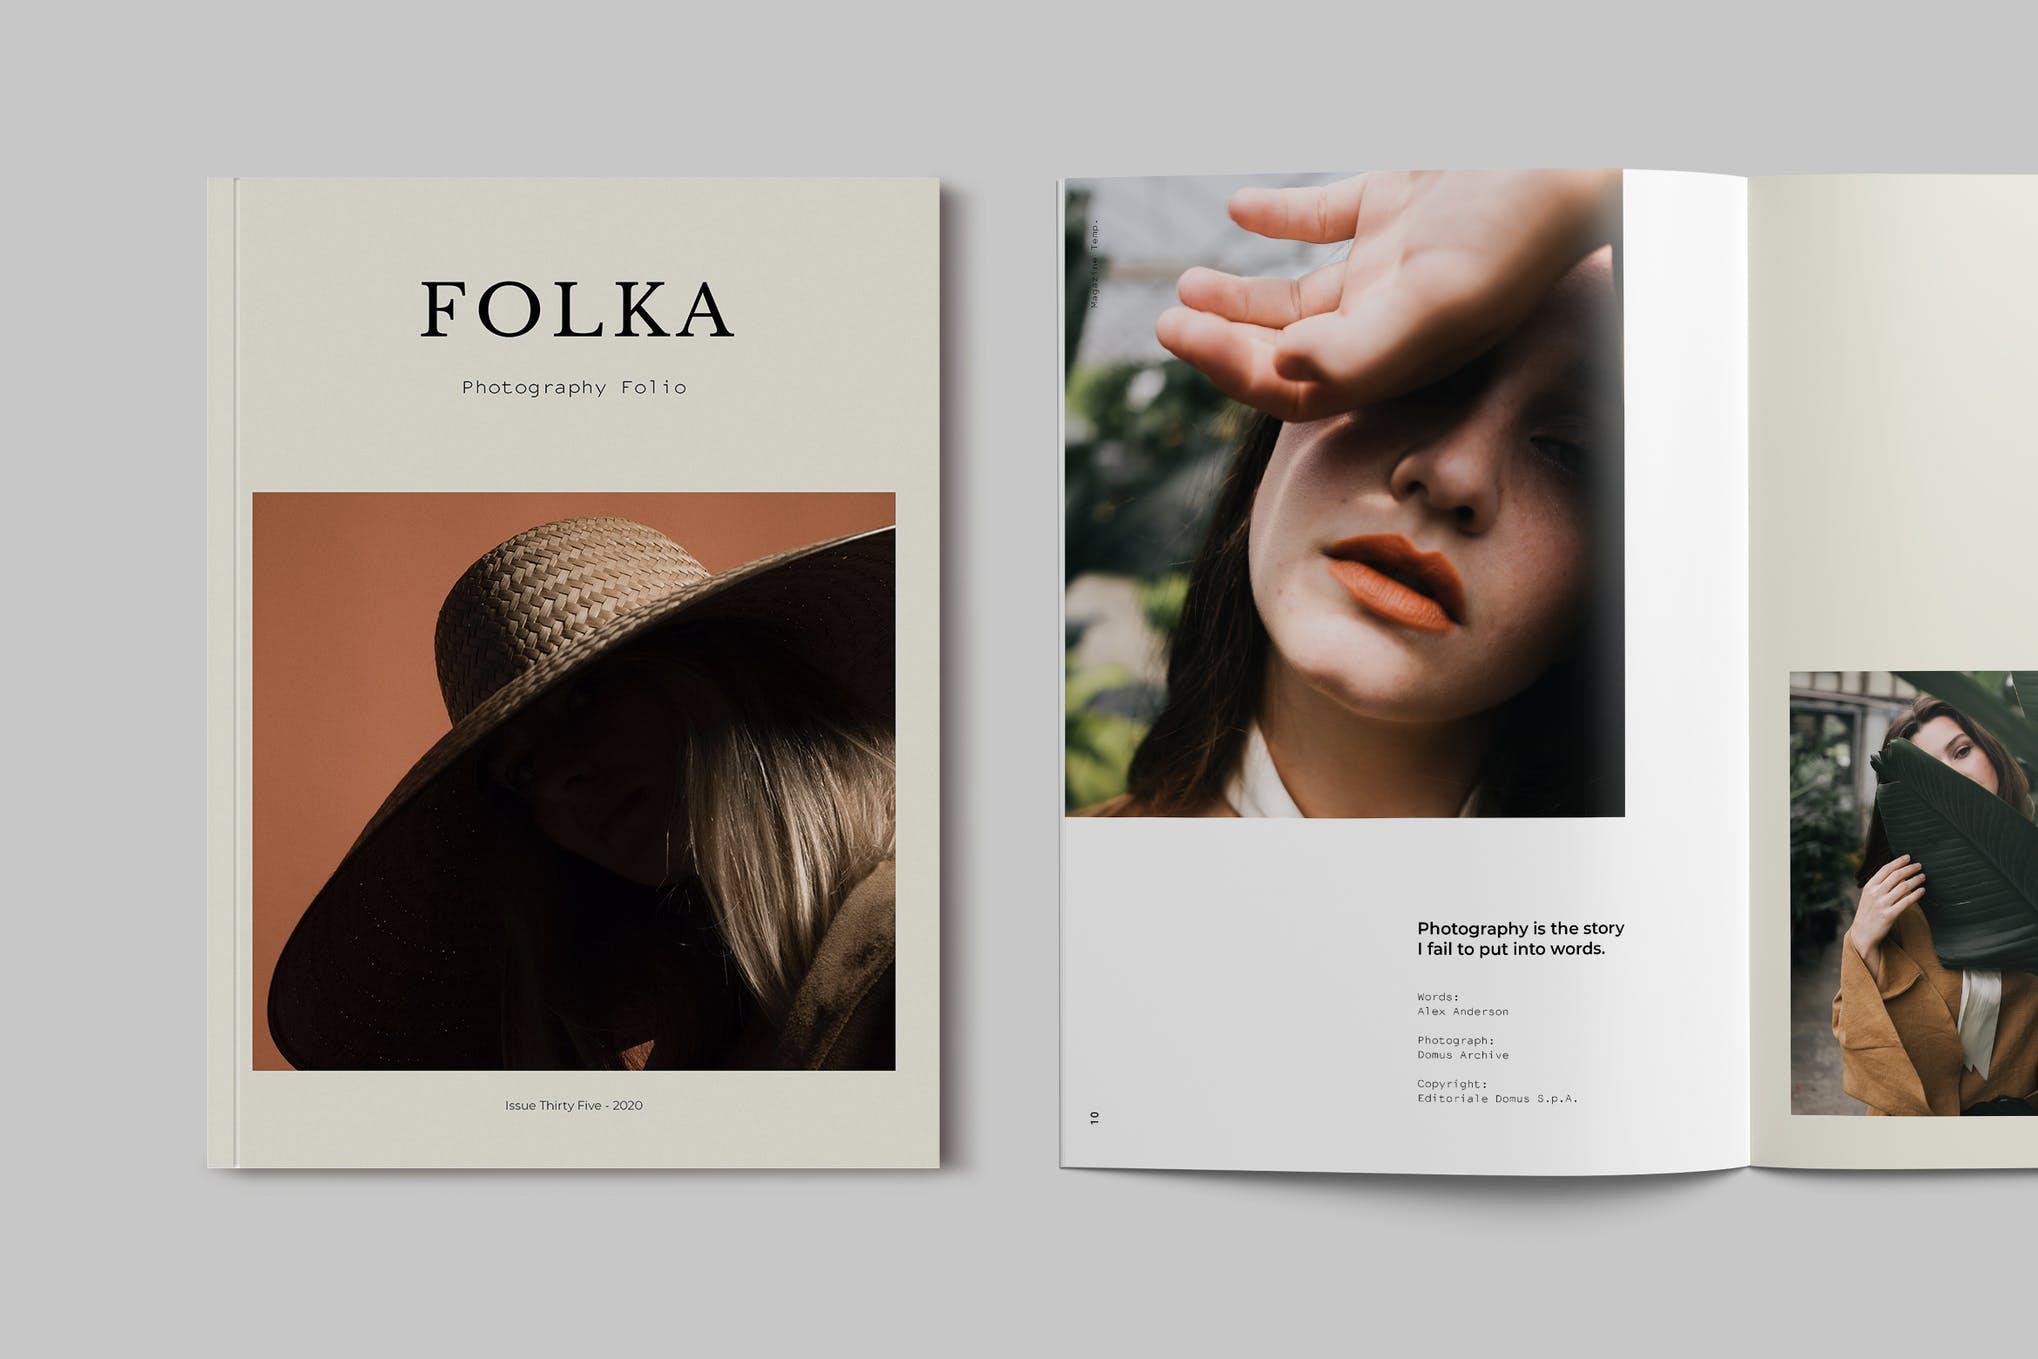 时尚摄影作品集宣传画册设计INDD模板 Photography Portfolio Brochure Template插图